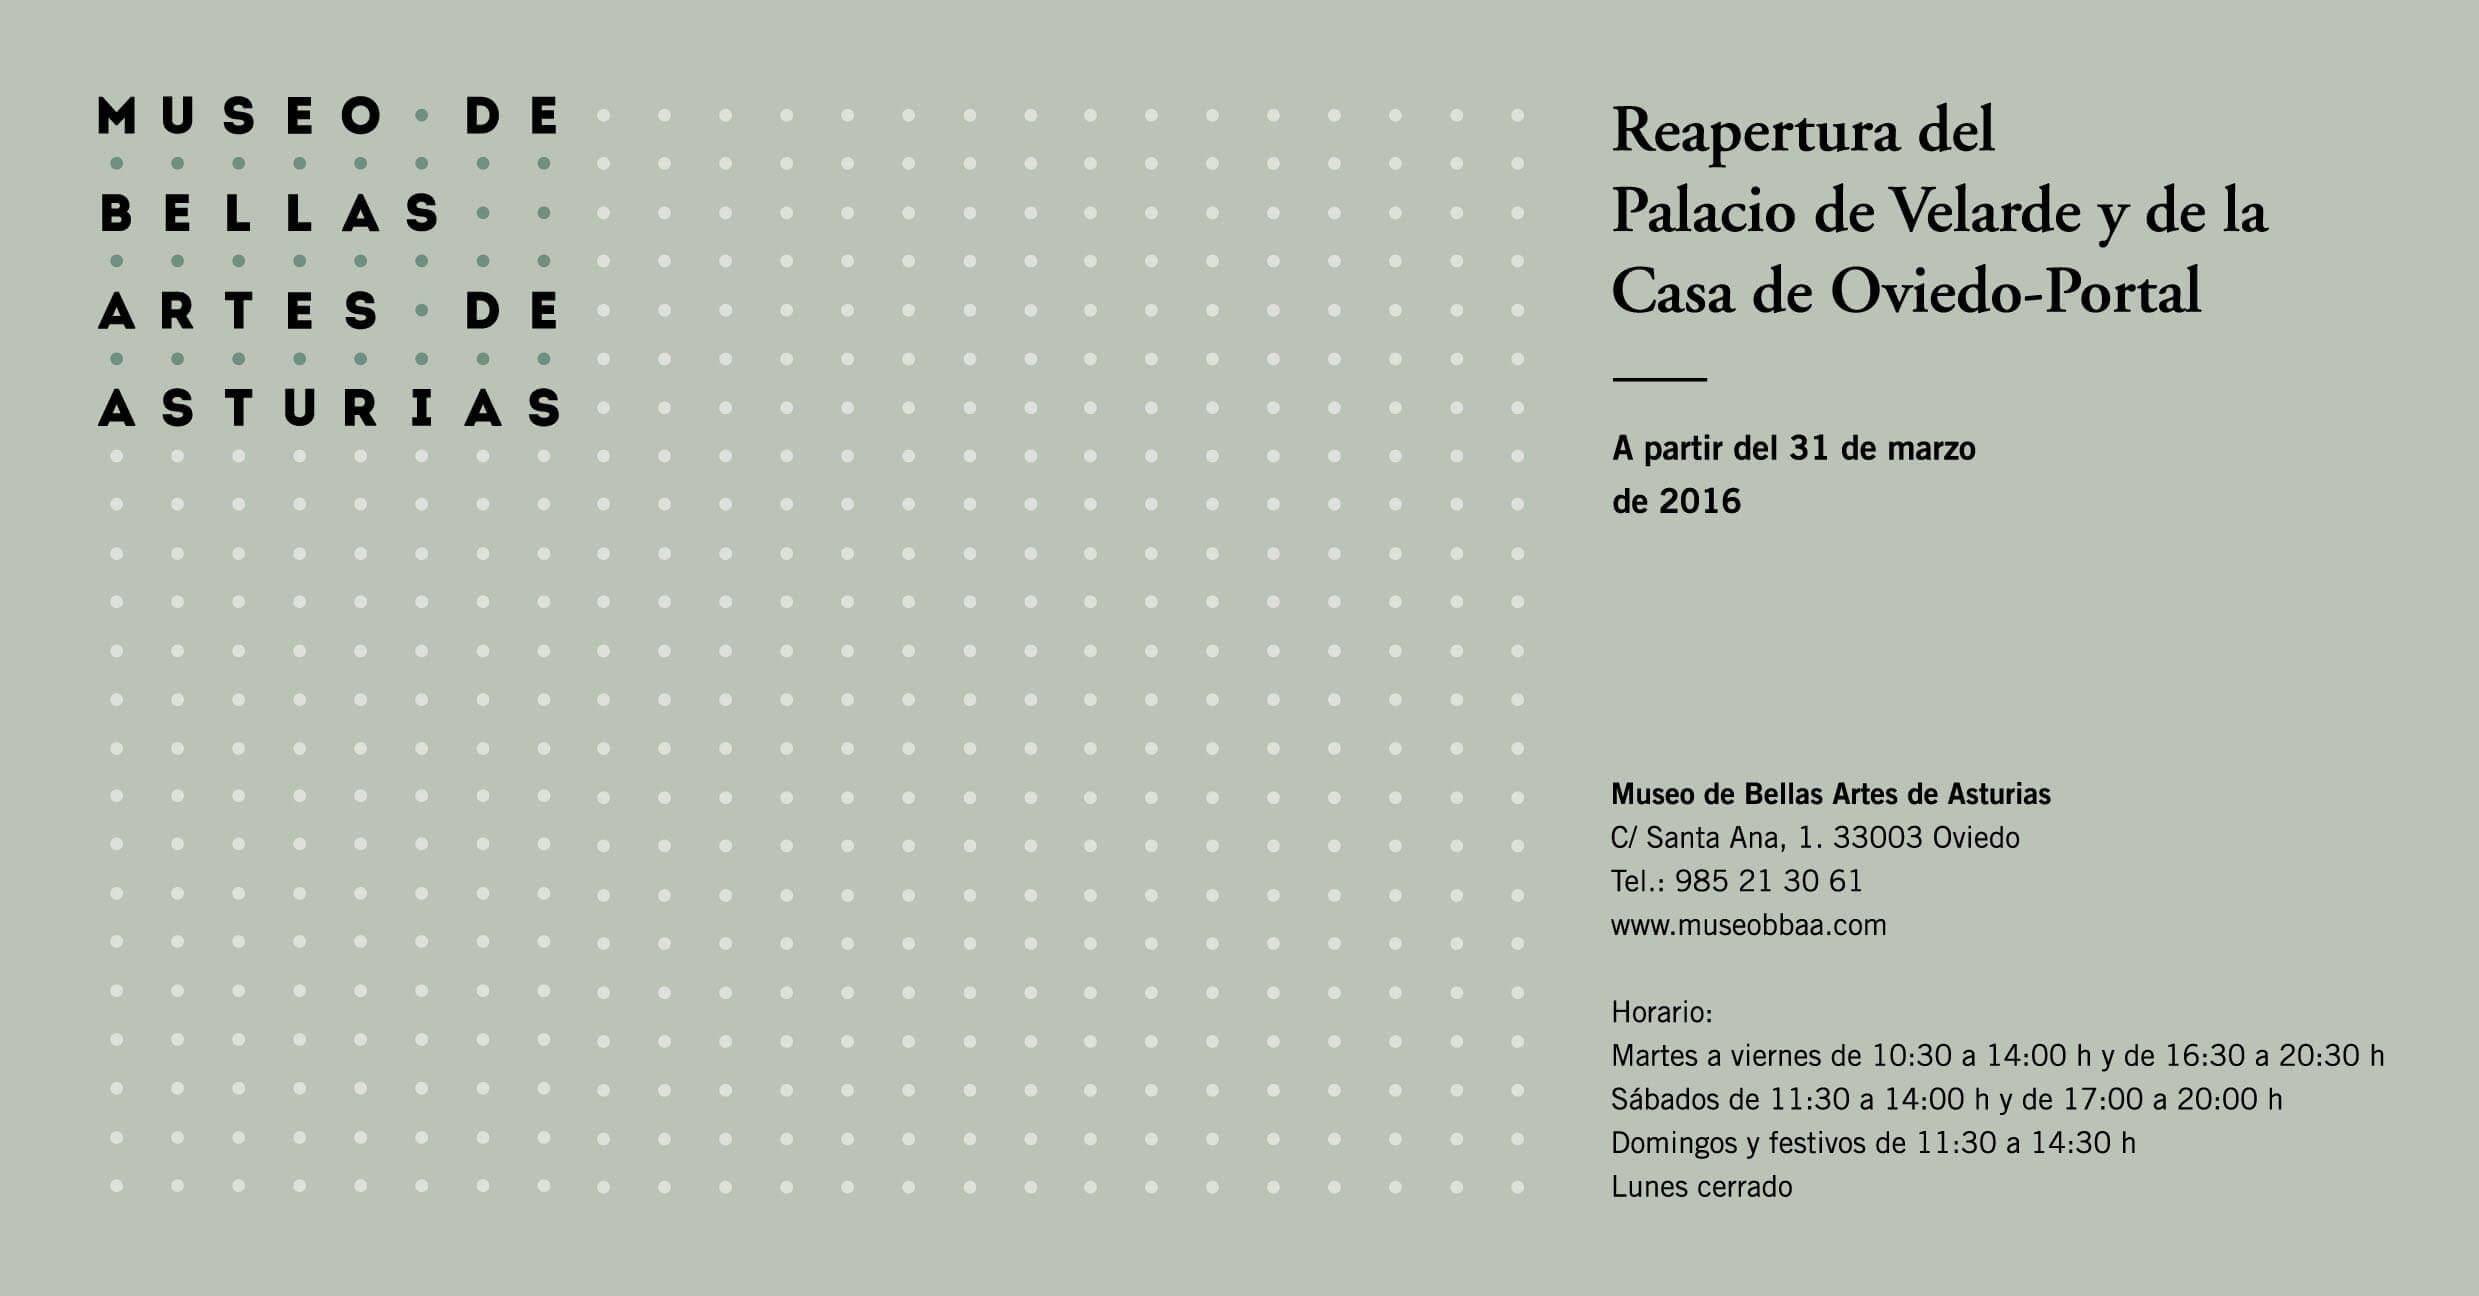 Reapertura del Palacio de Velarde y la Casa de Oviedo-Portal